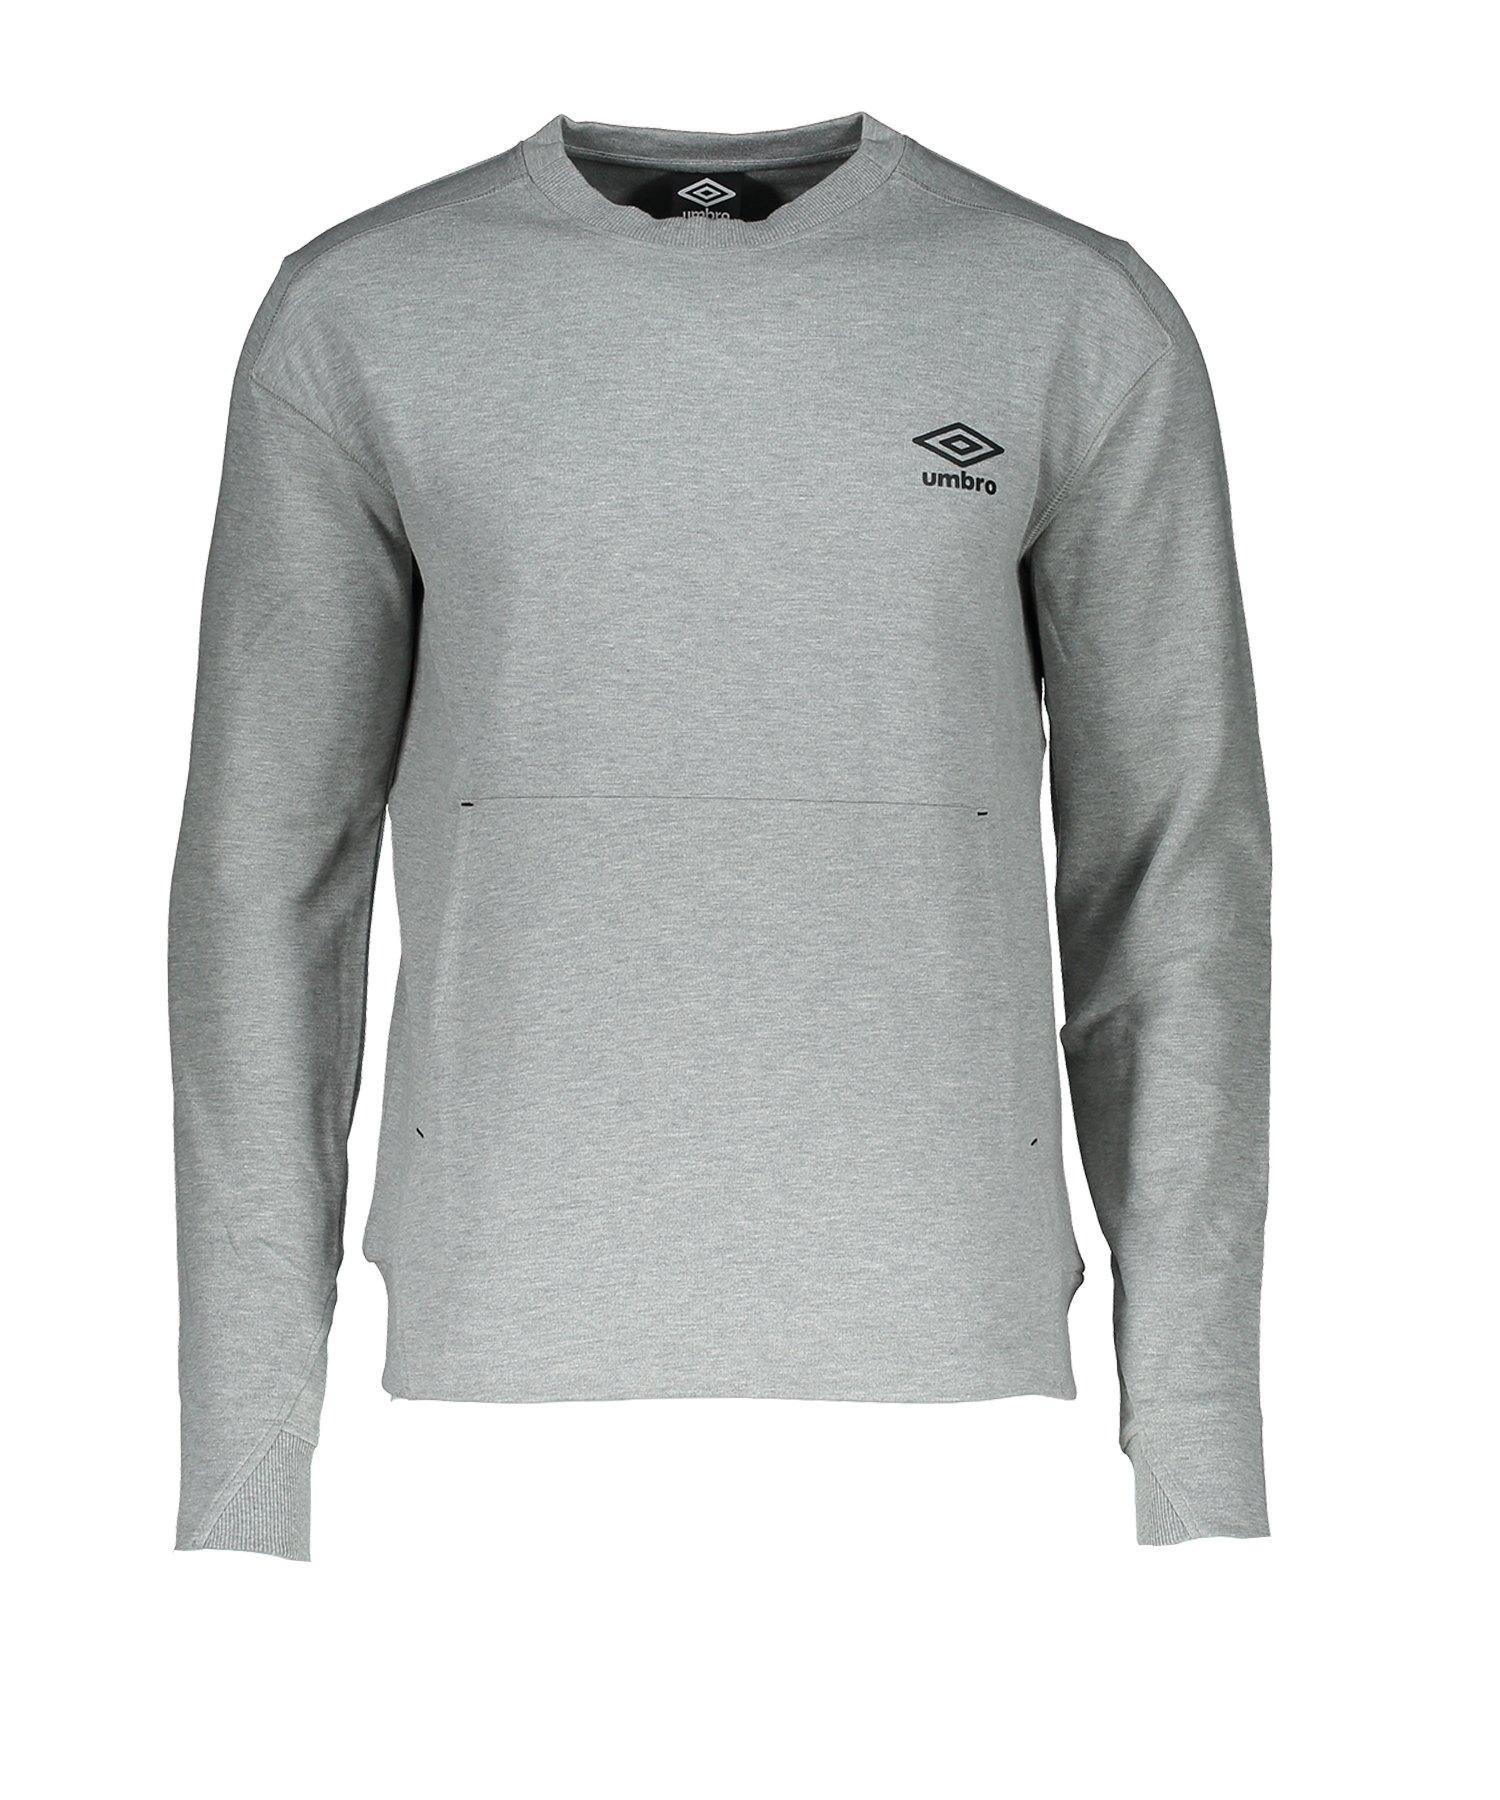 Umbro Crew Sweatshirt Grau F263 - Grau